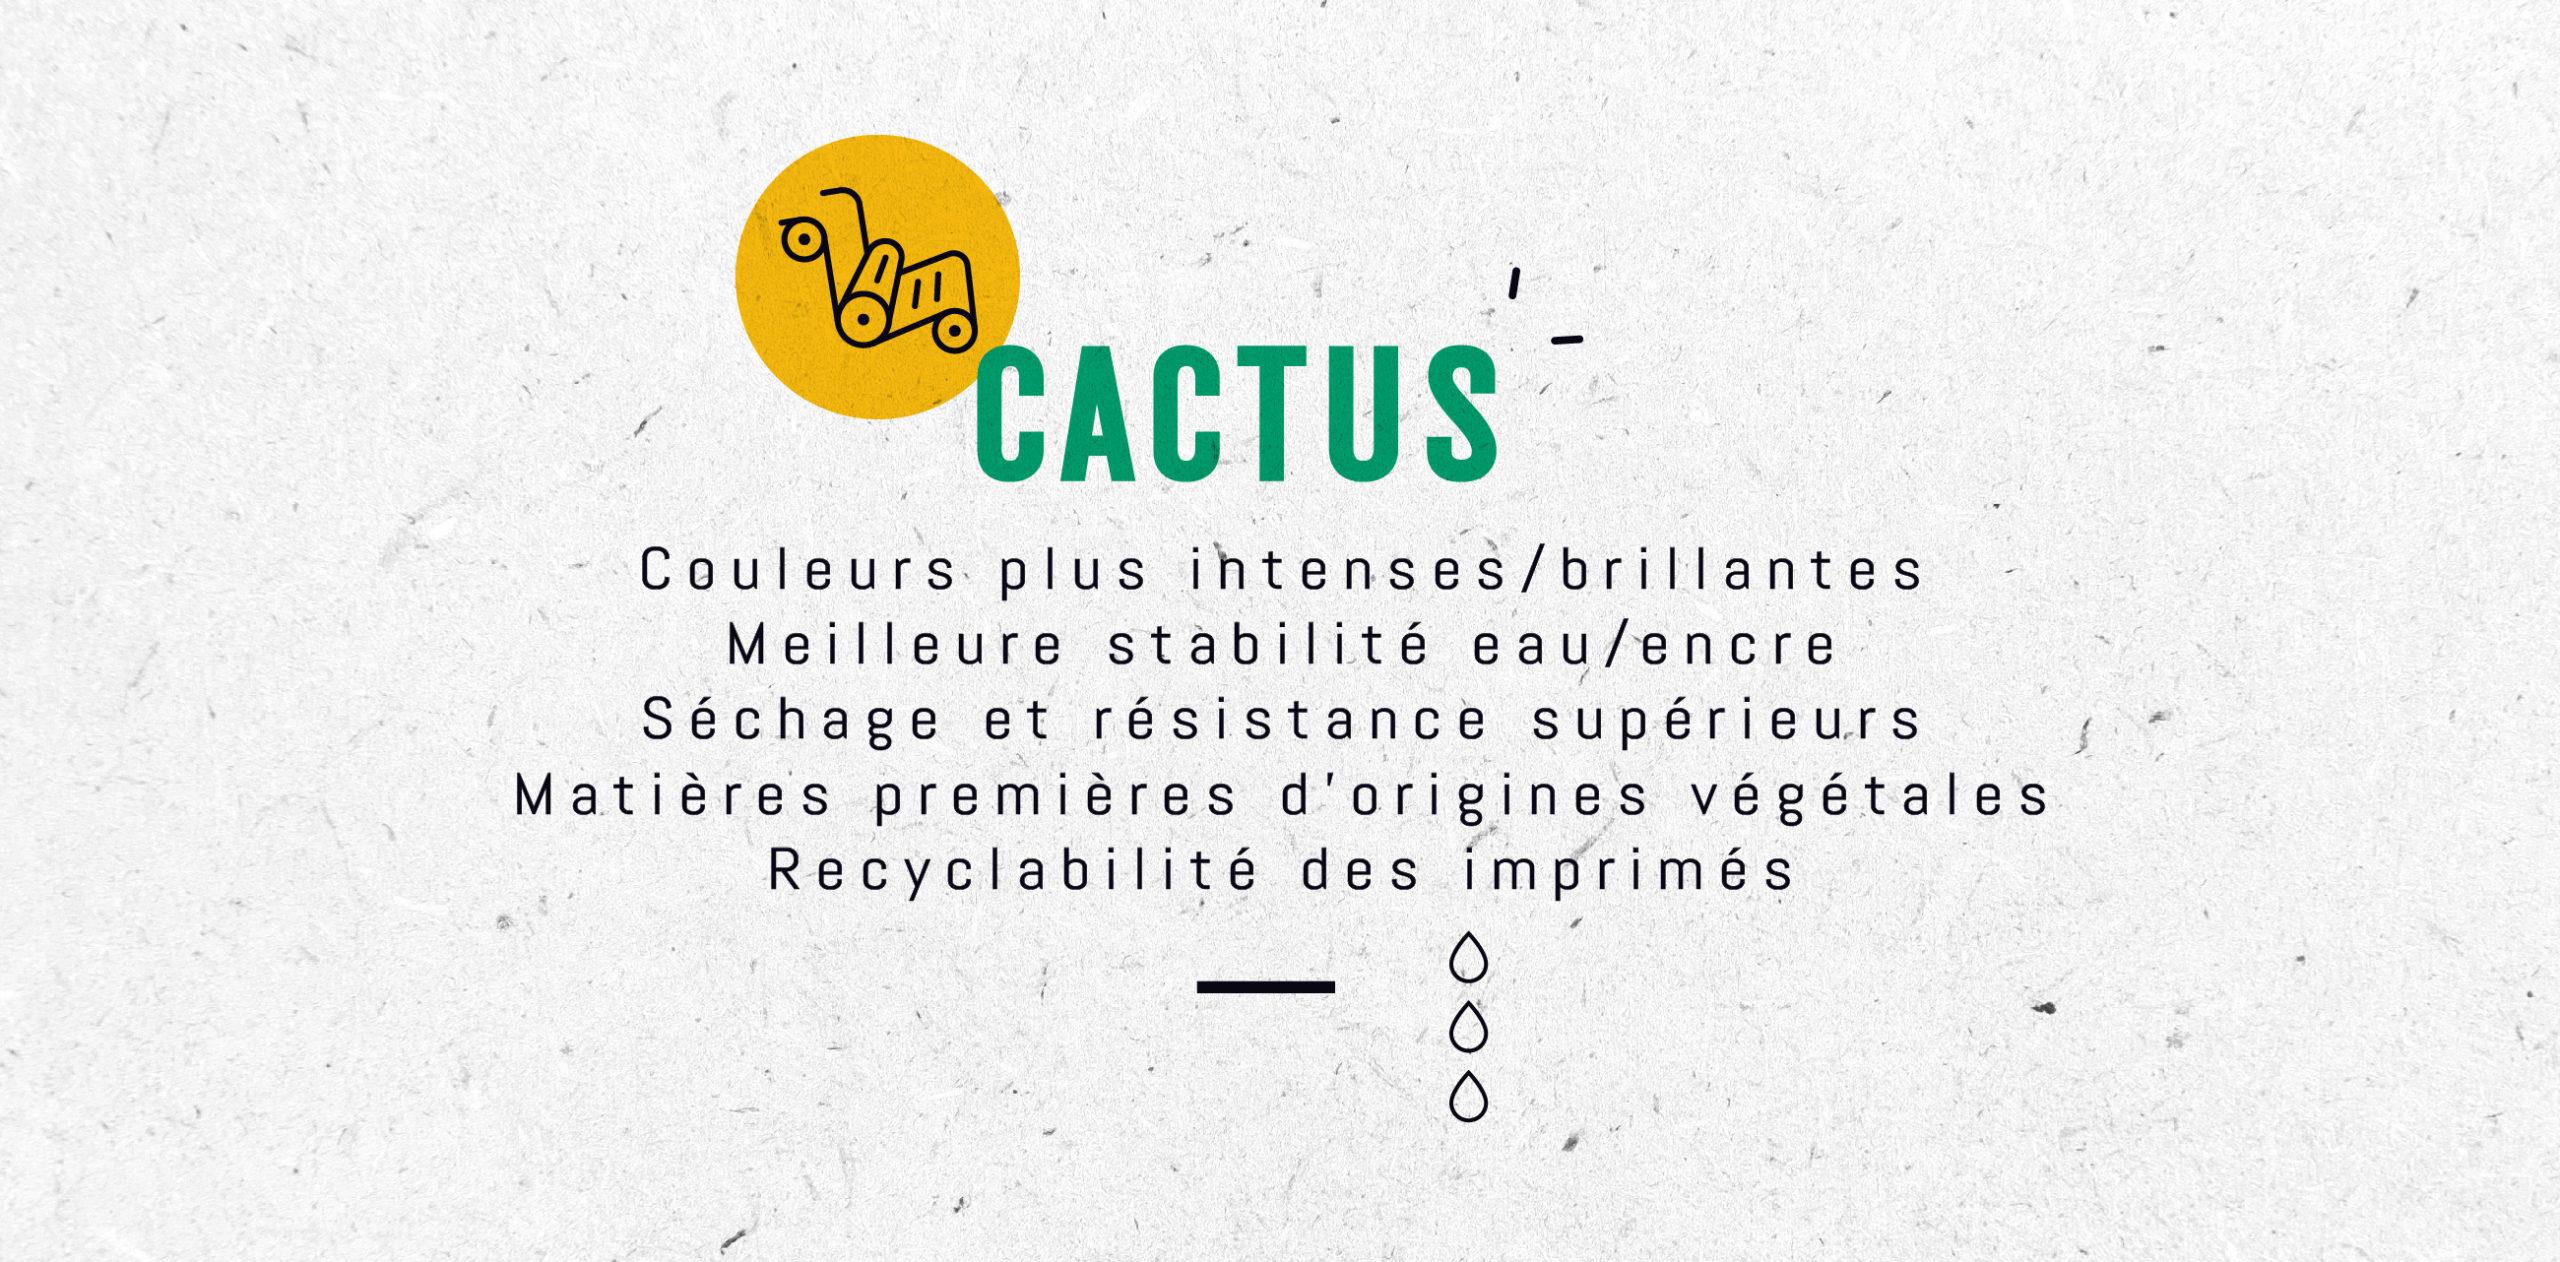 CACTUS-DAIAM-2